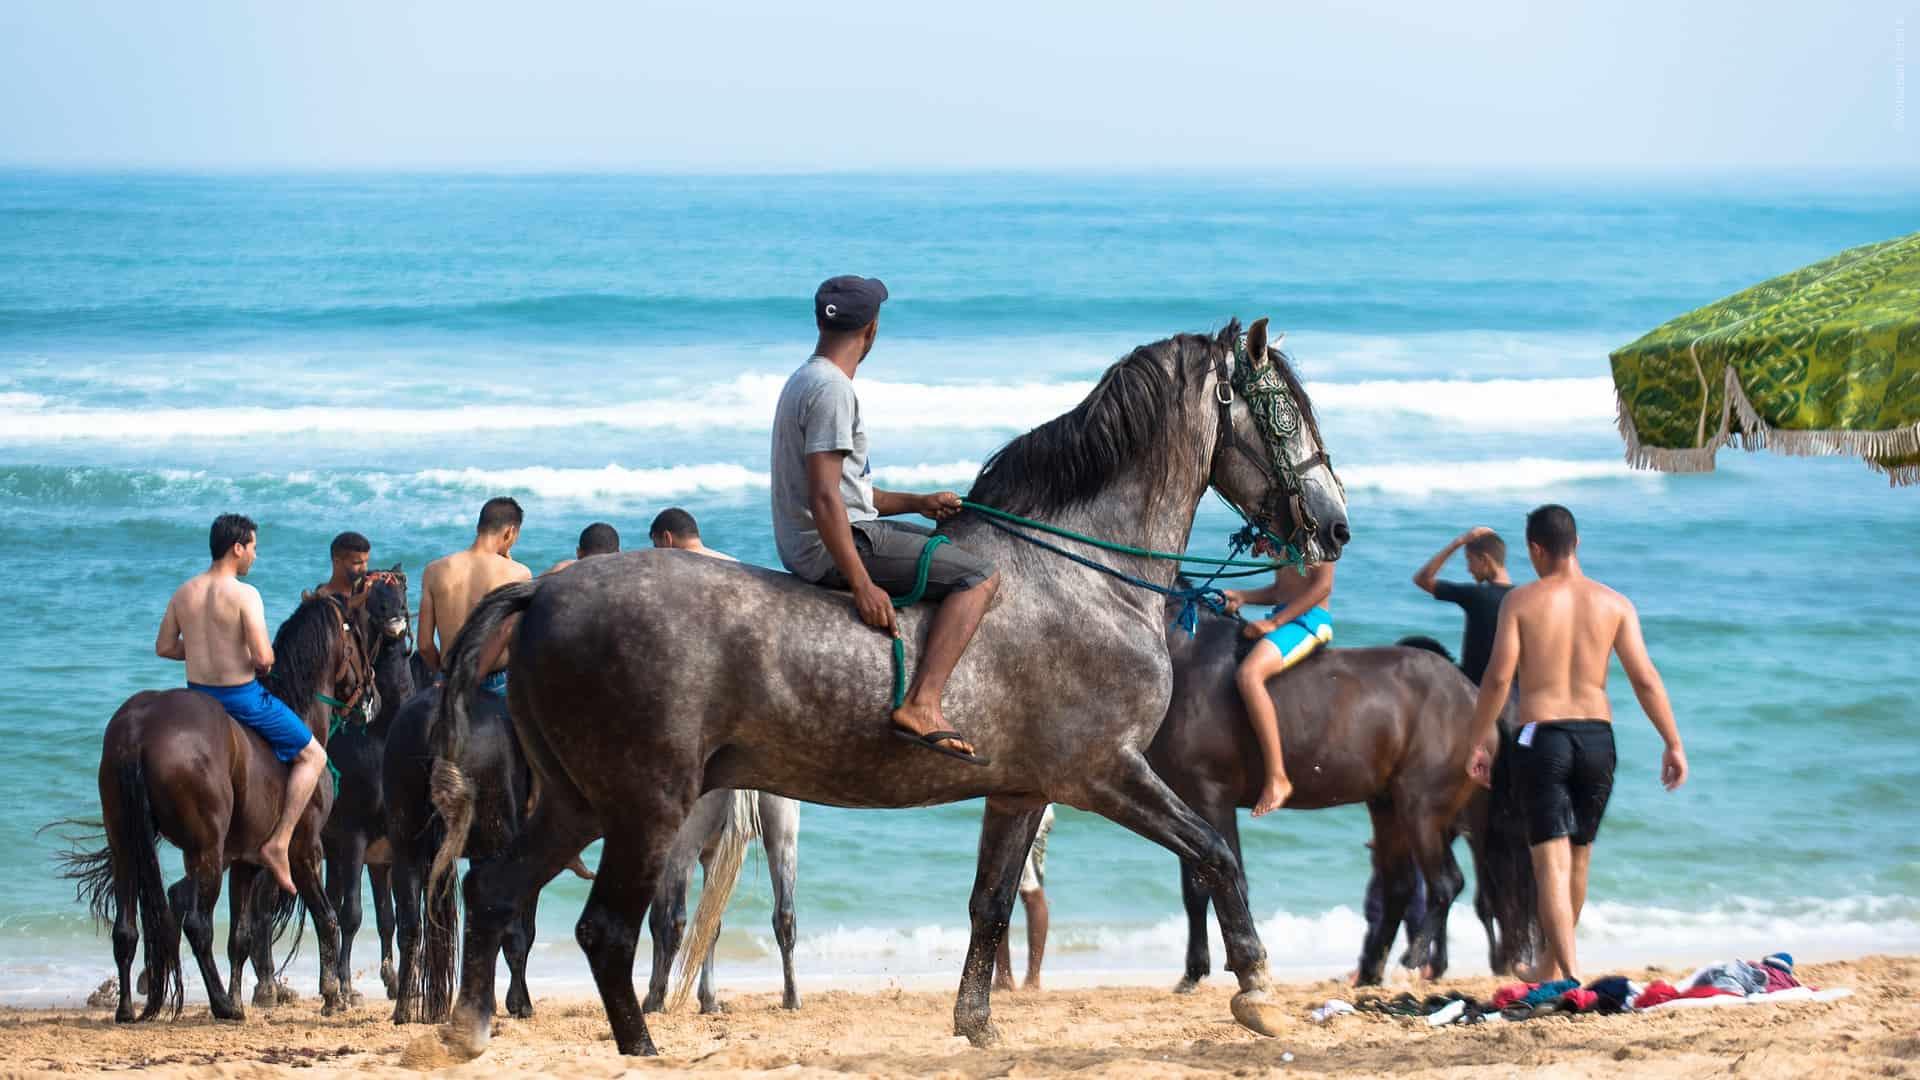 Agadirs Strand ist perfekt für reiter, da die Promenade über 9 Kilometer lang ist